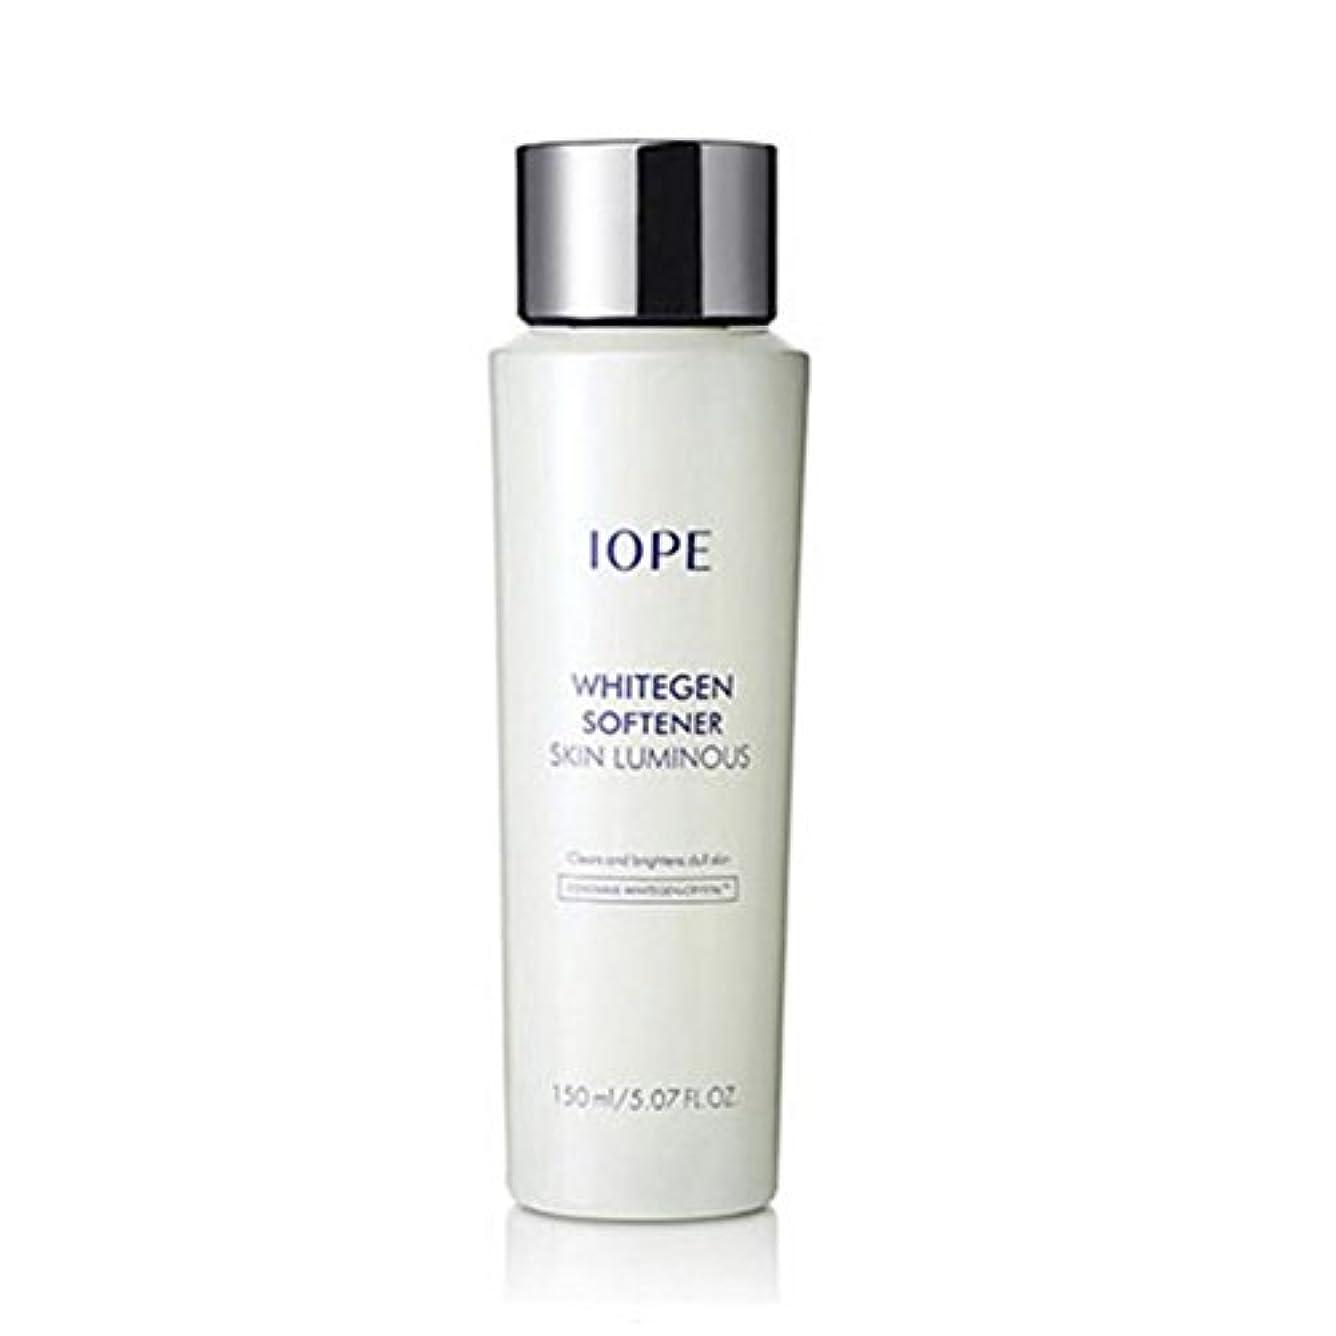 (アイオペ)IOPE Whitegen Softener Skin Luminous (韓国直発送) oopspanda